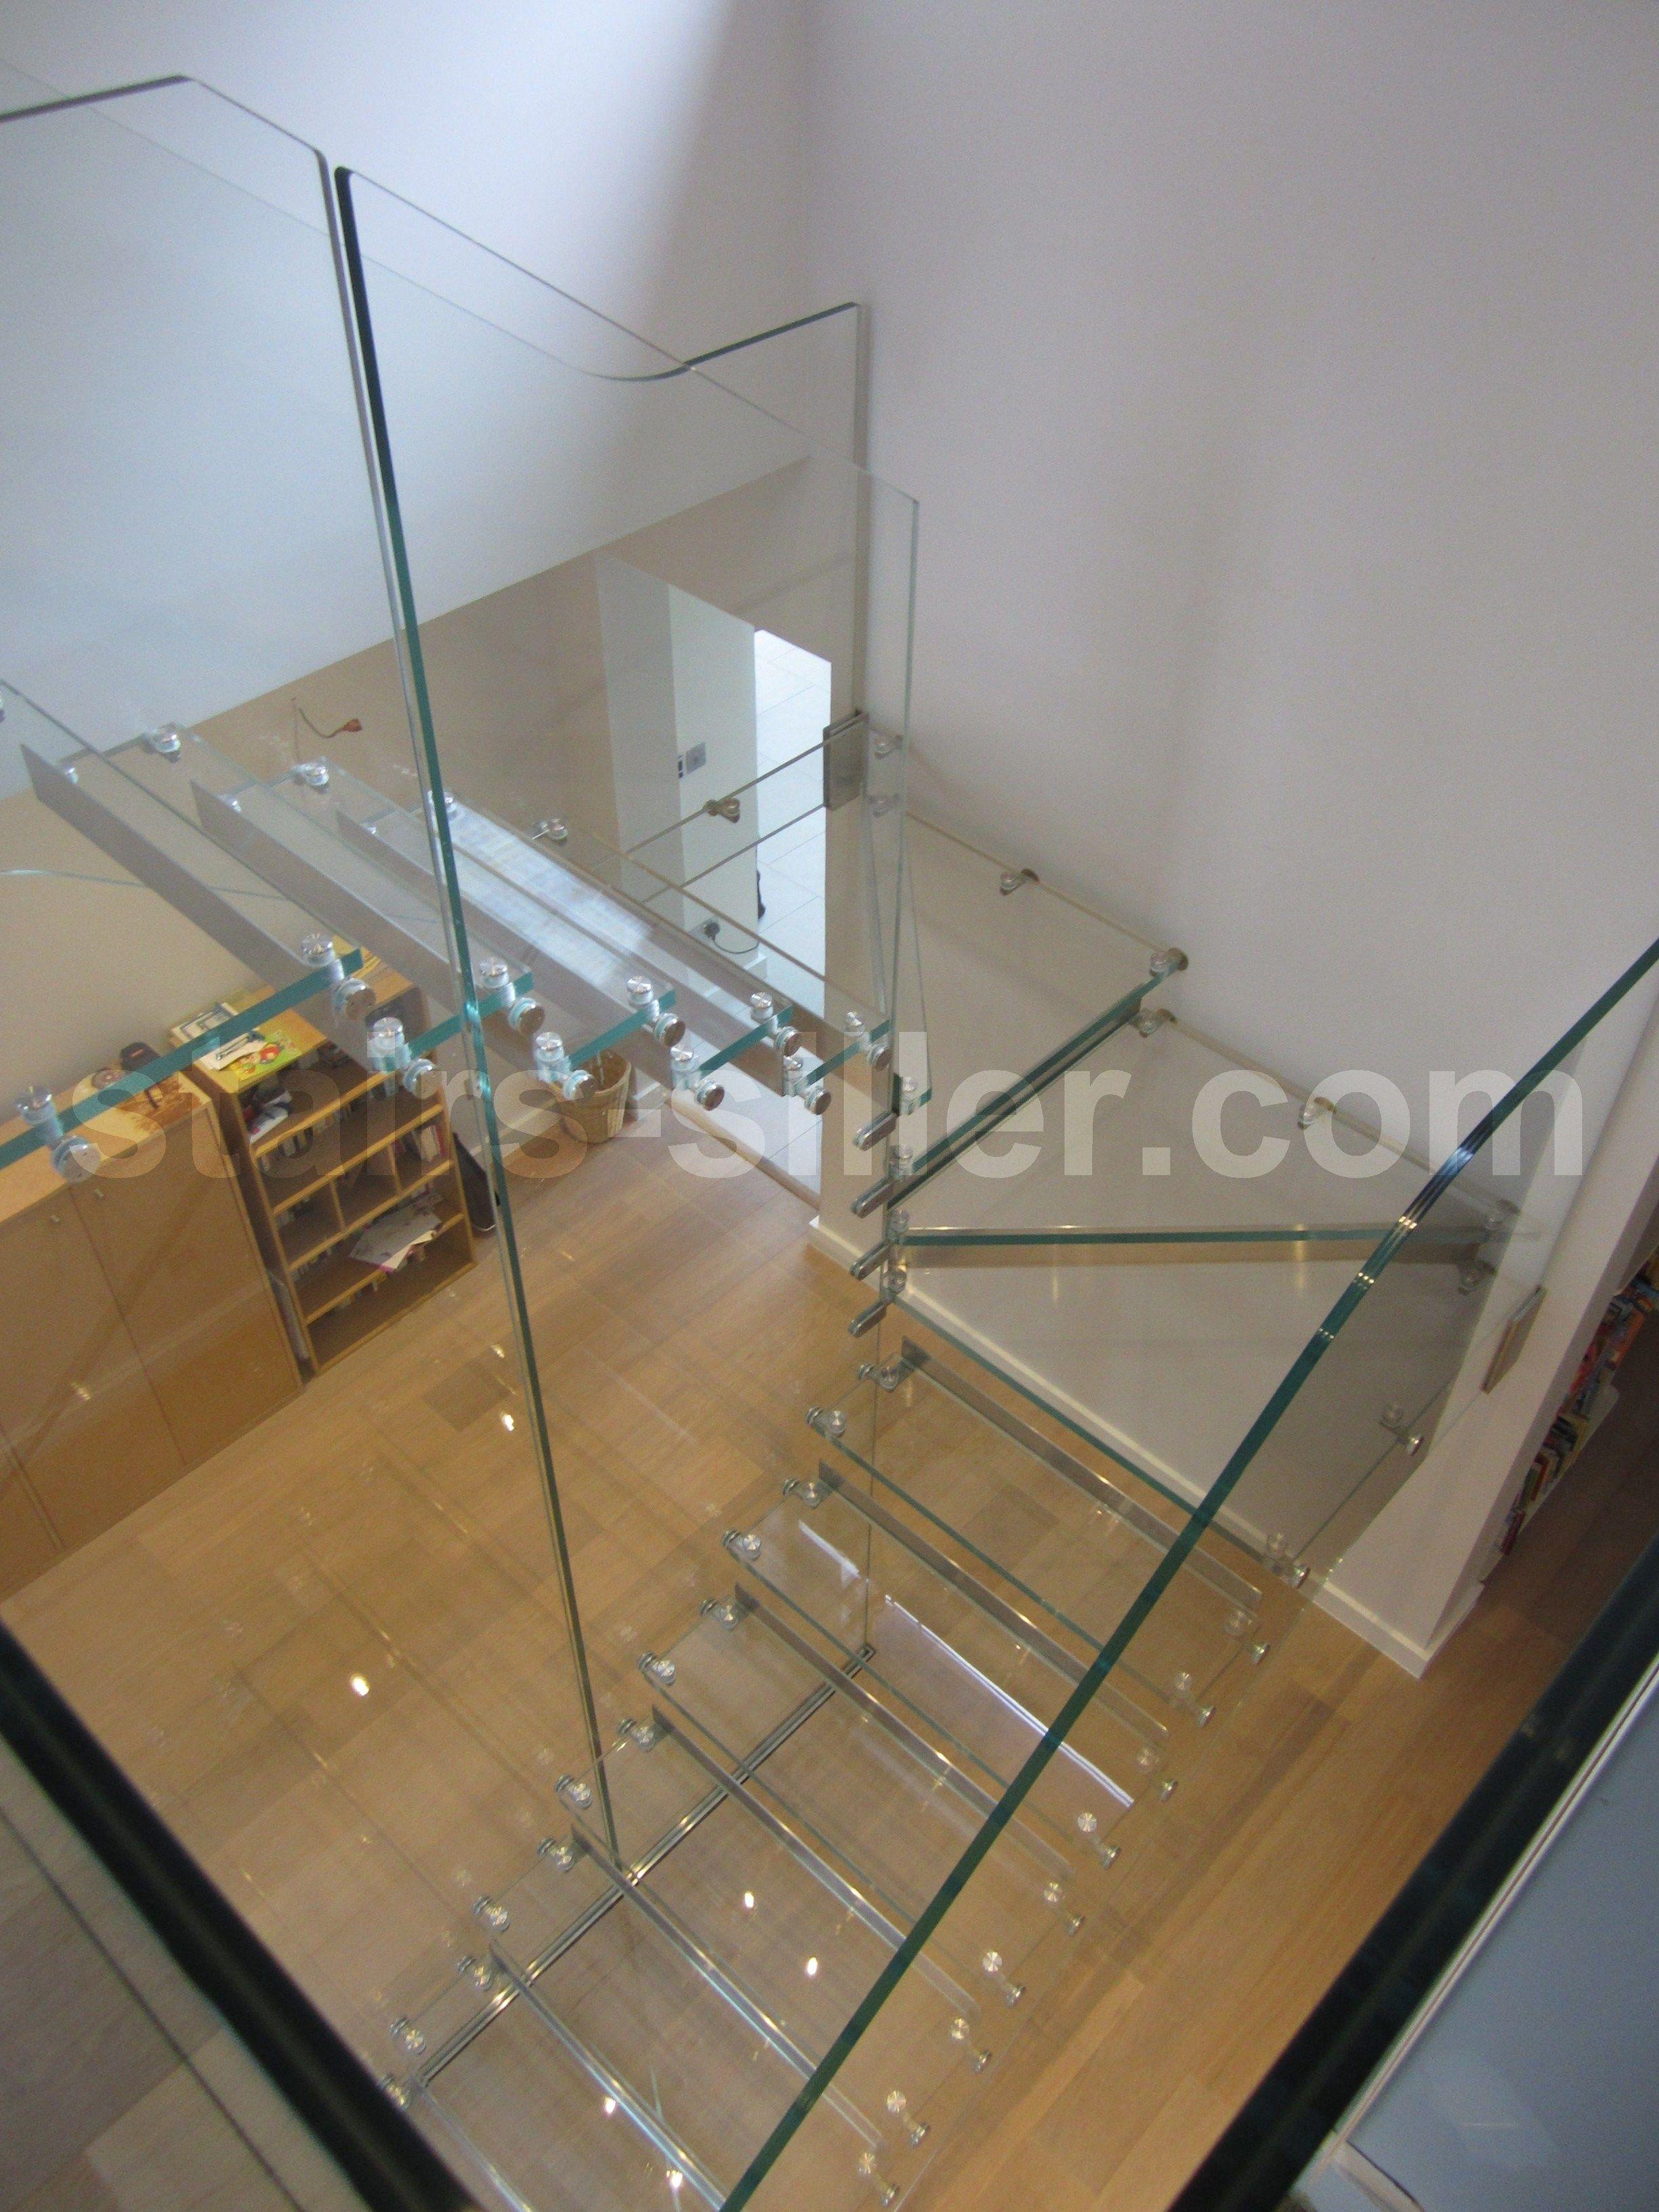 freitragende wangentreppe aus edelstahl und glas all glass low iron offene treppe aus. Black Bedroom Furniture Sets. Home Design Ideas